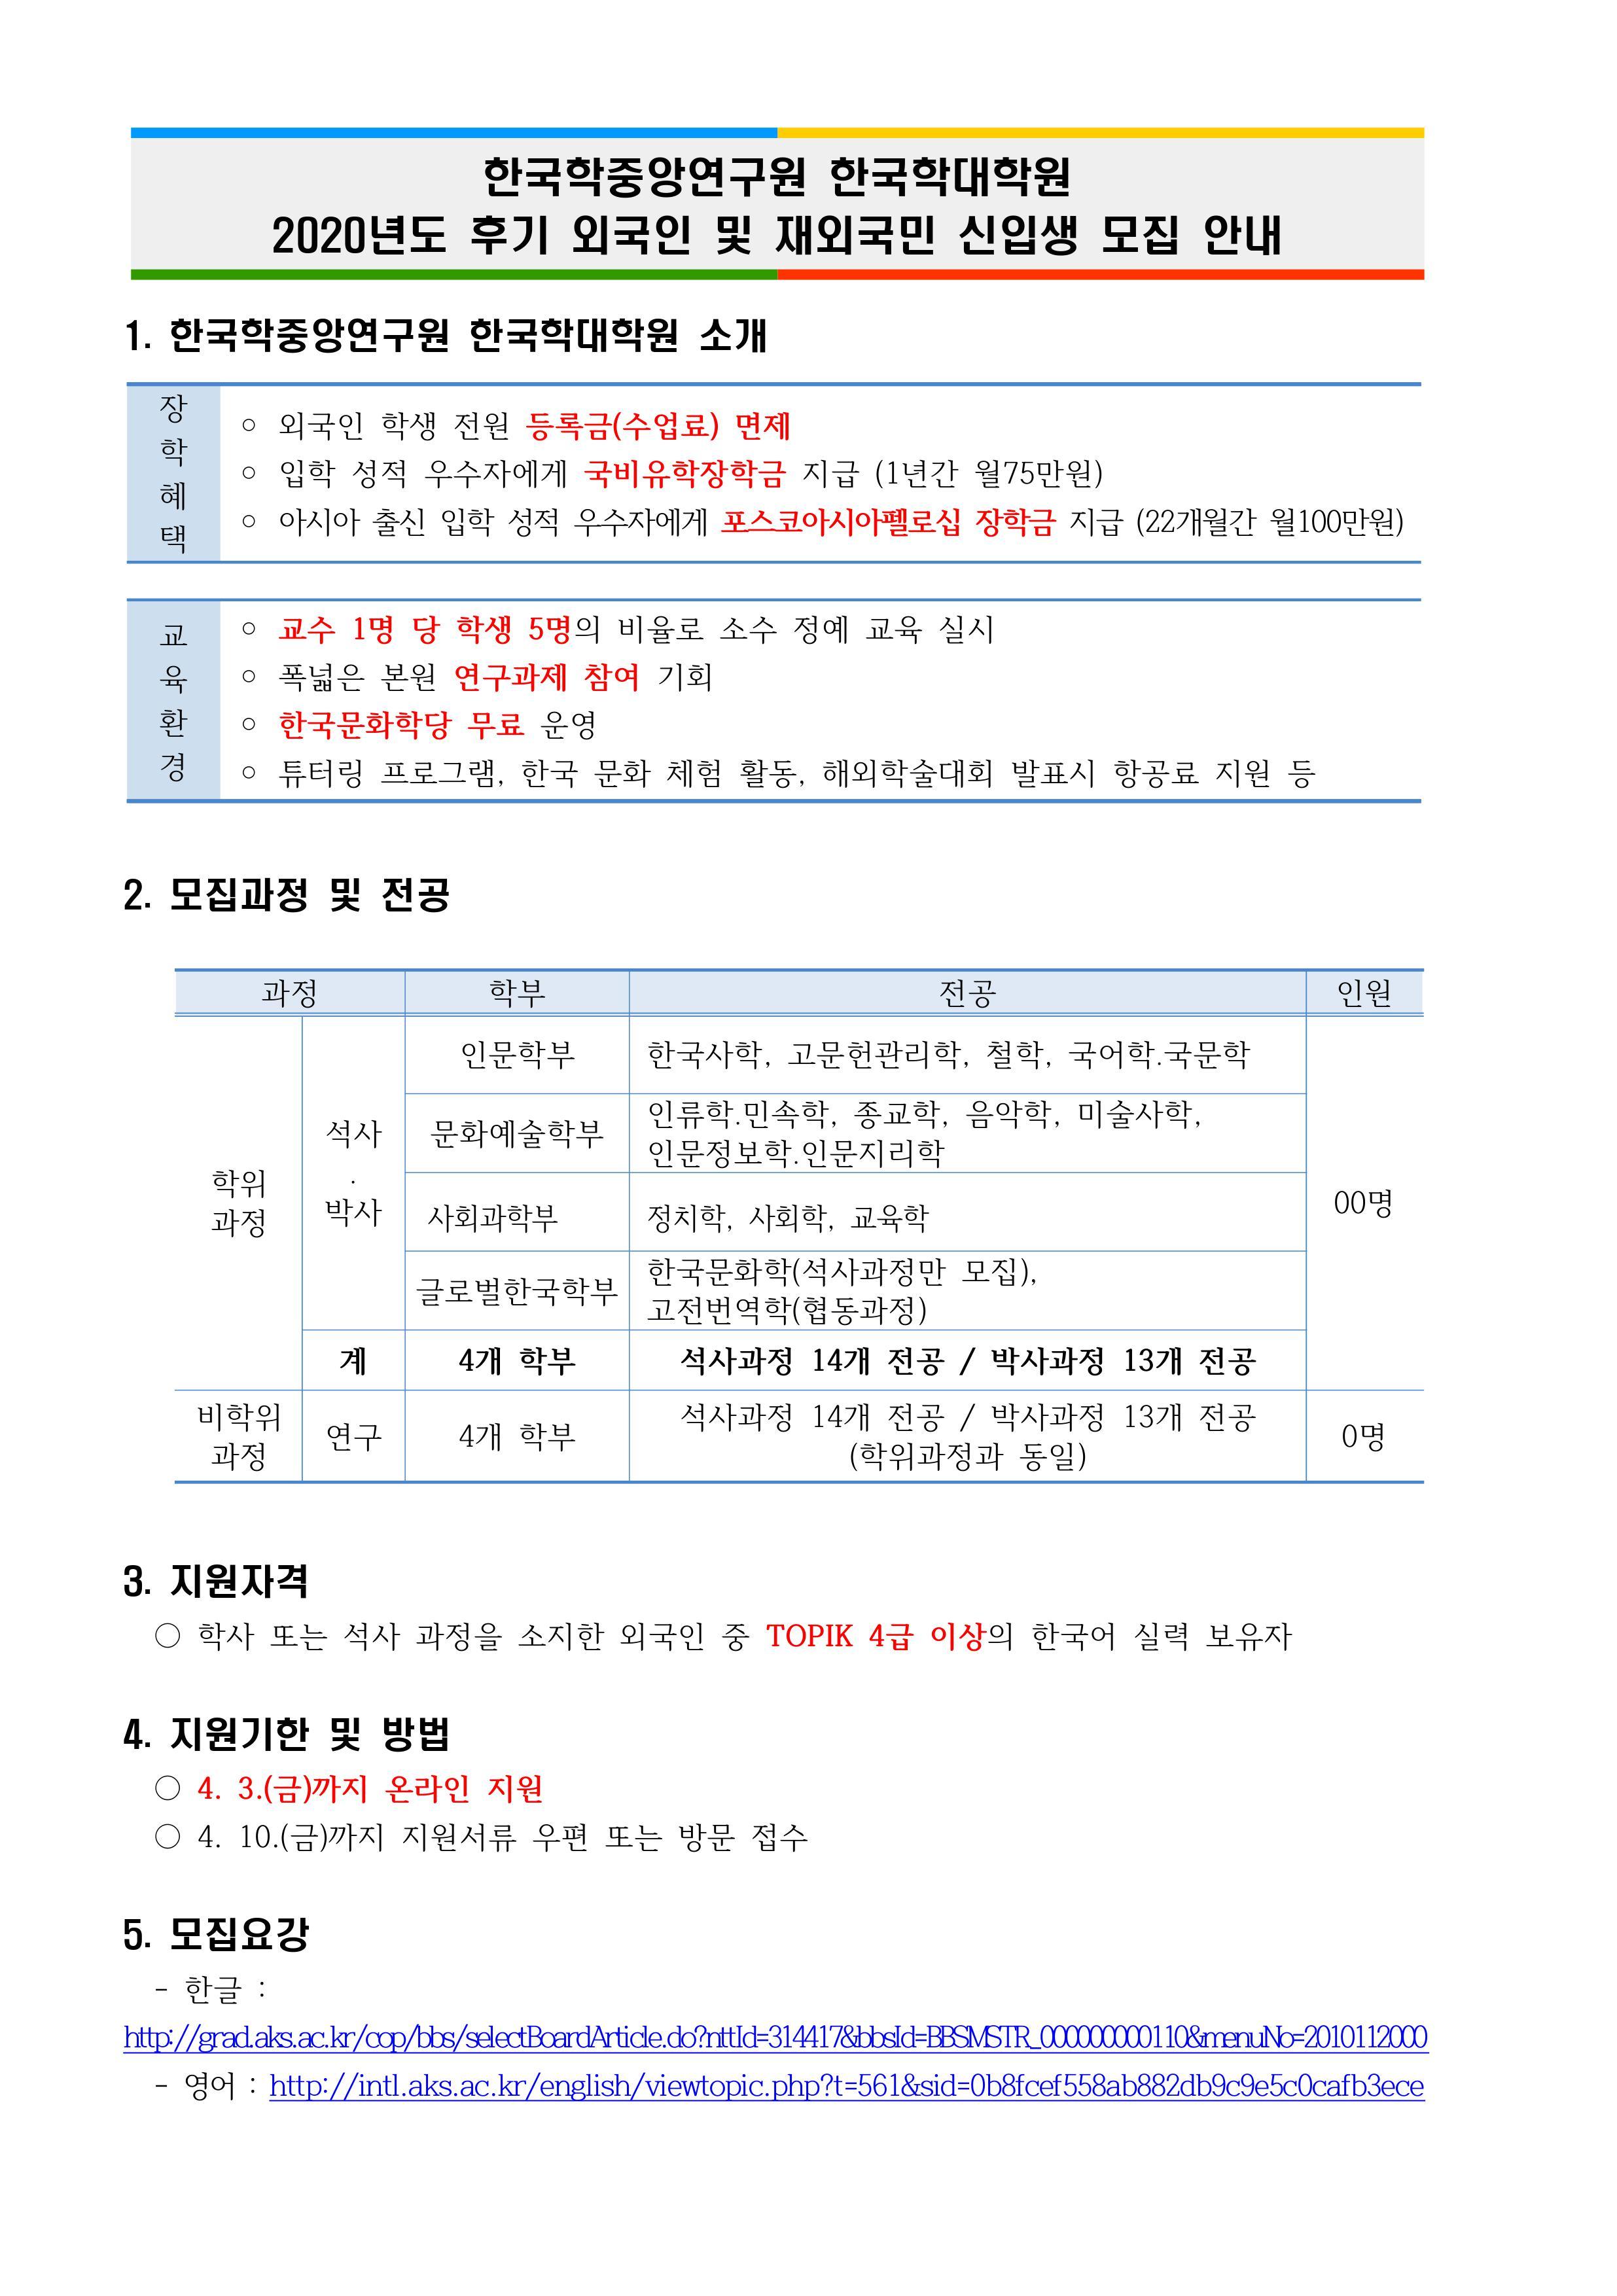 한국학중앙연구원 한국학대학원- the Graduate School of Korean Studies, the Academy of Korean Studies (3).jpg